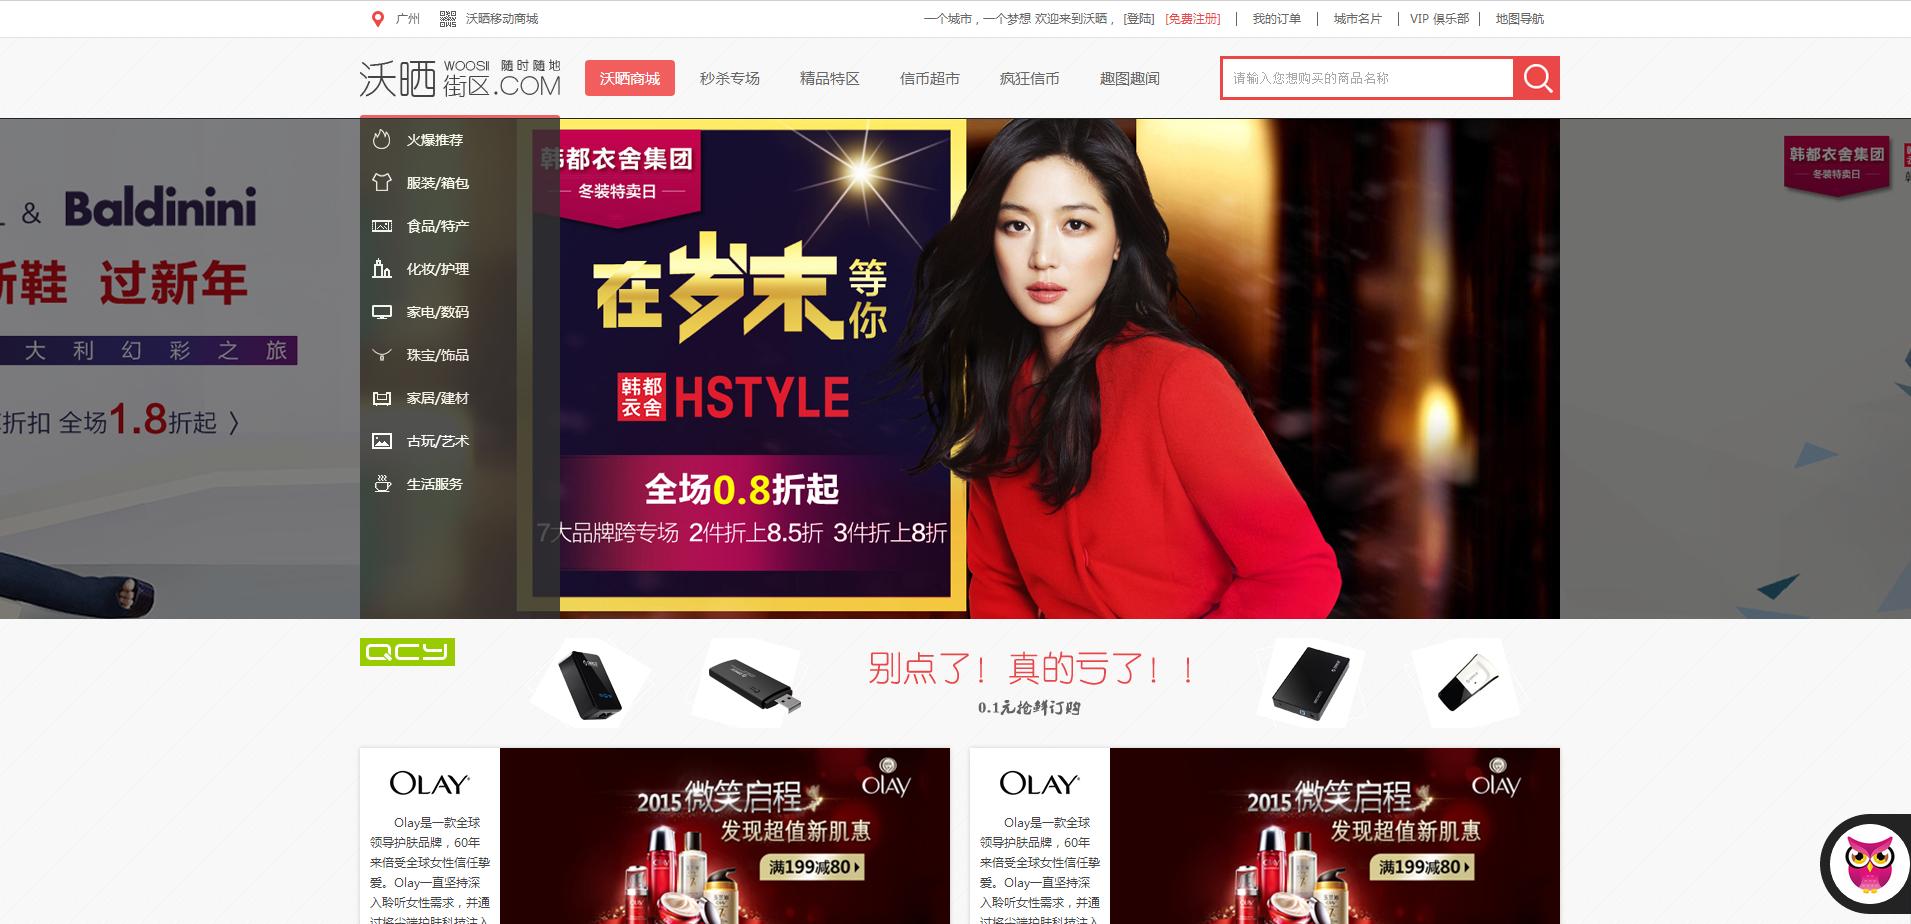 簡潔的扁平化商城購物網站模板HTML下載